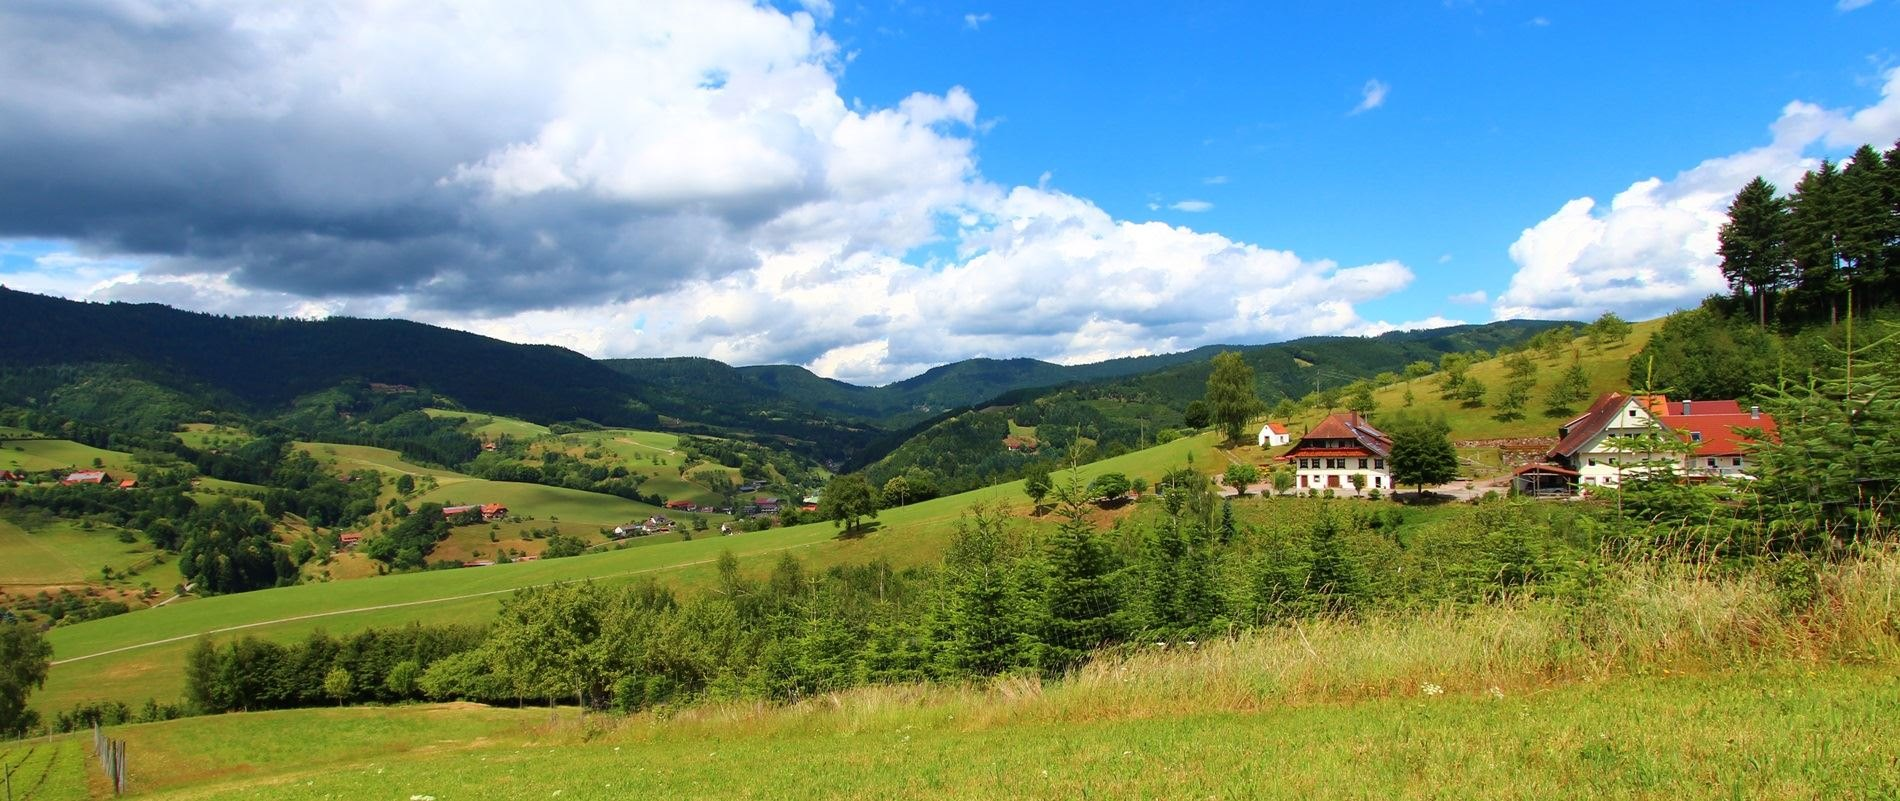 ferienhaus-hubhof-oberharmersbach